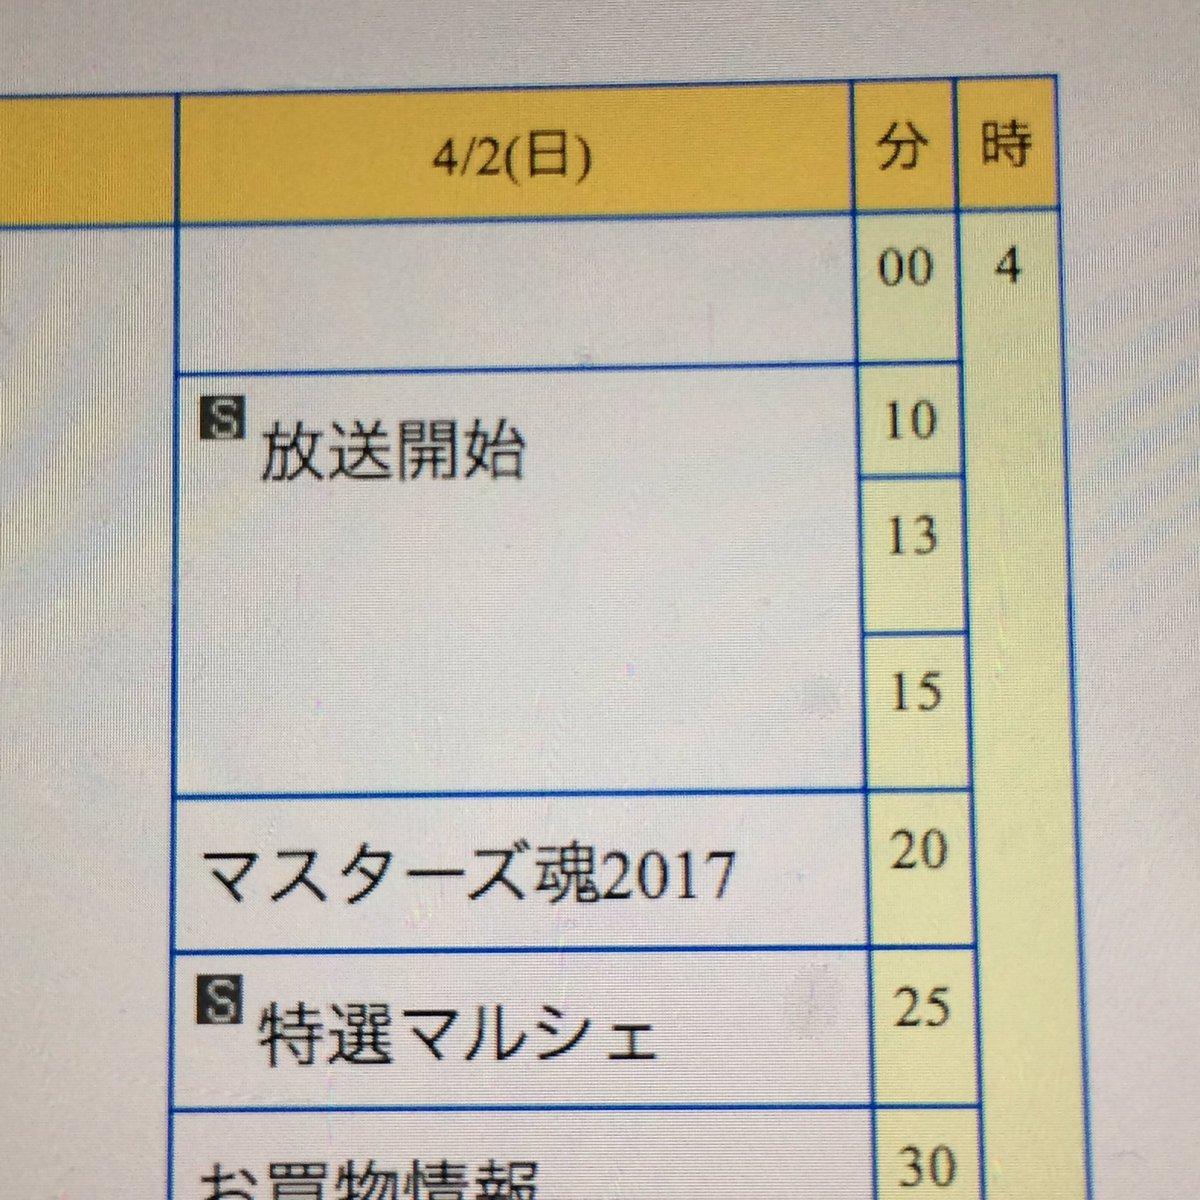 安心してください!鉄血のオルフェンズ、熊本RKKはちゃんと来週4月2日が最終回になってますよ